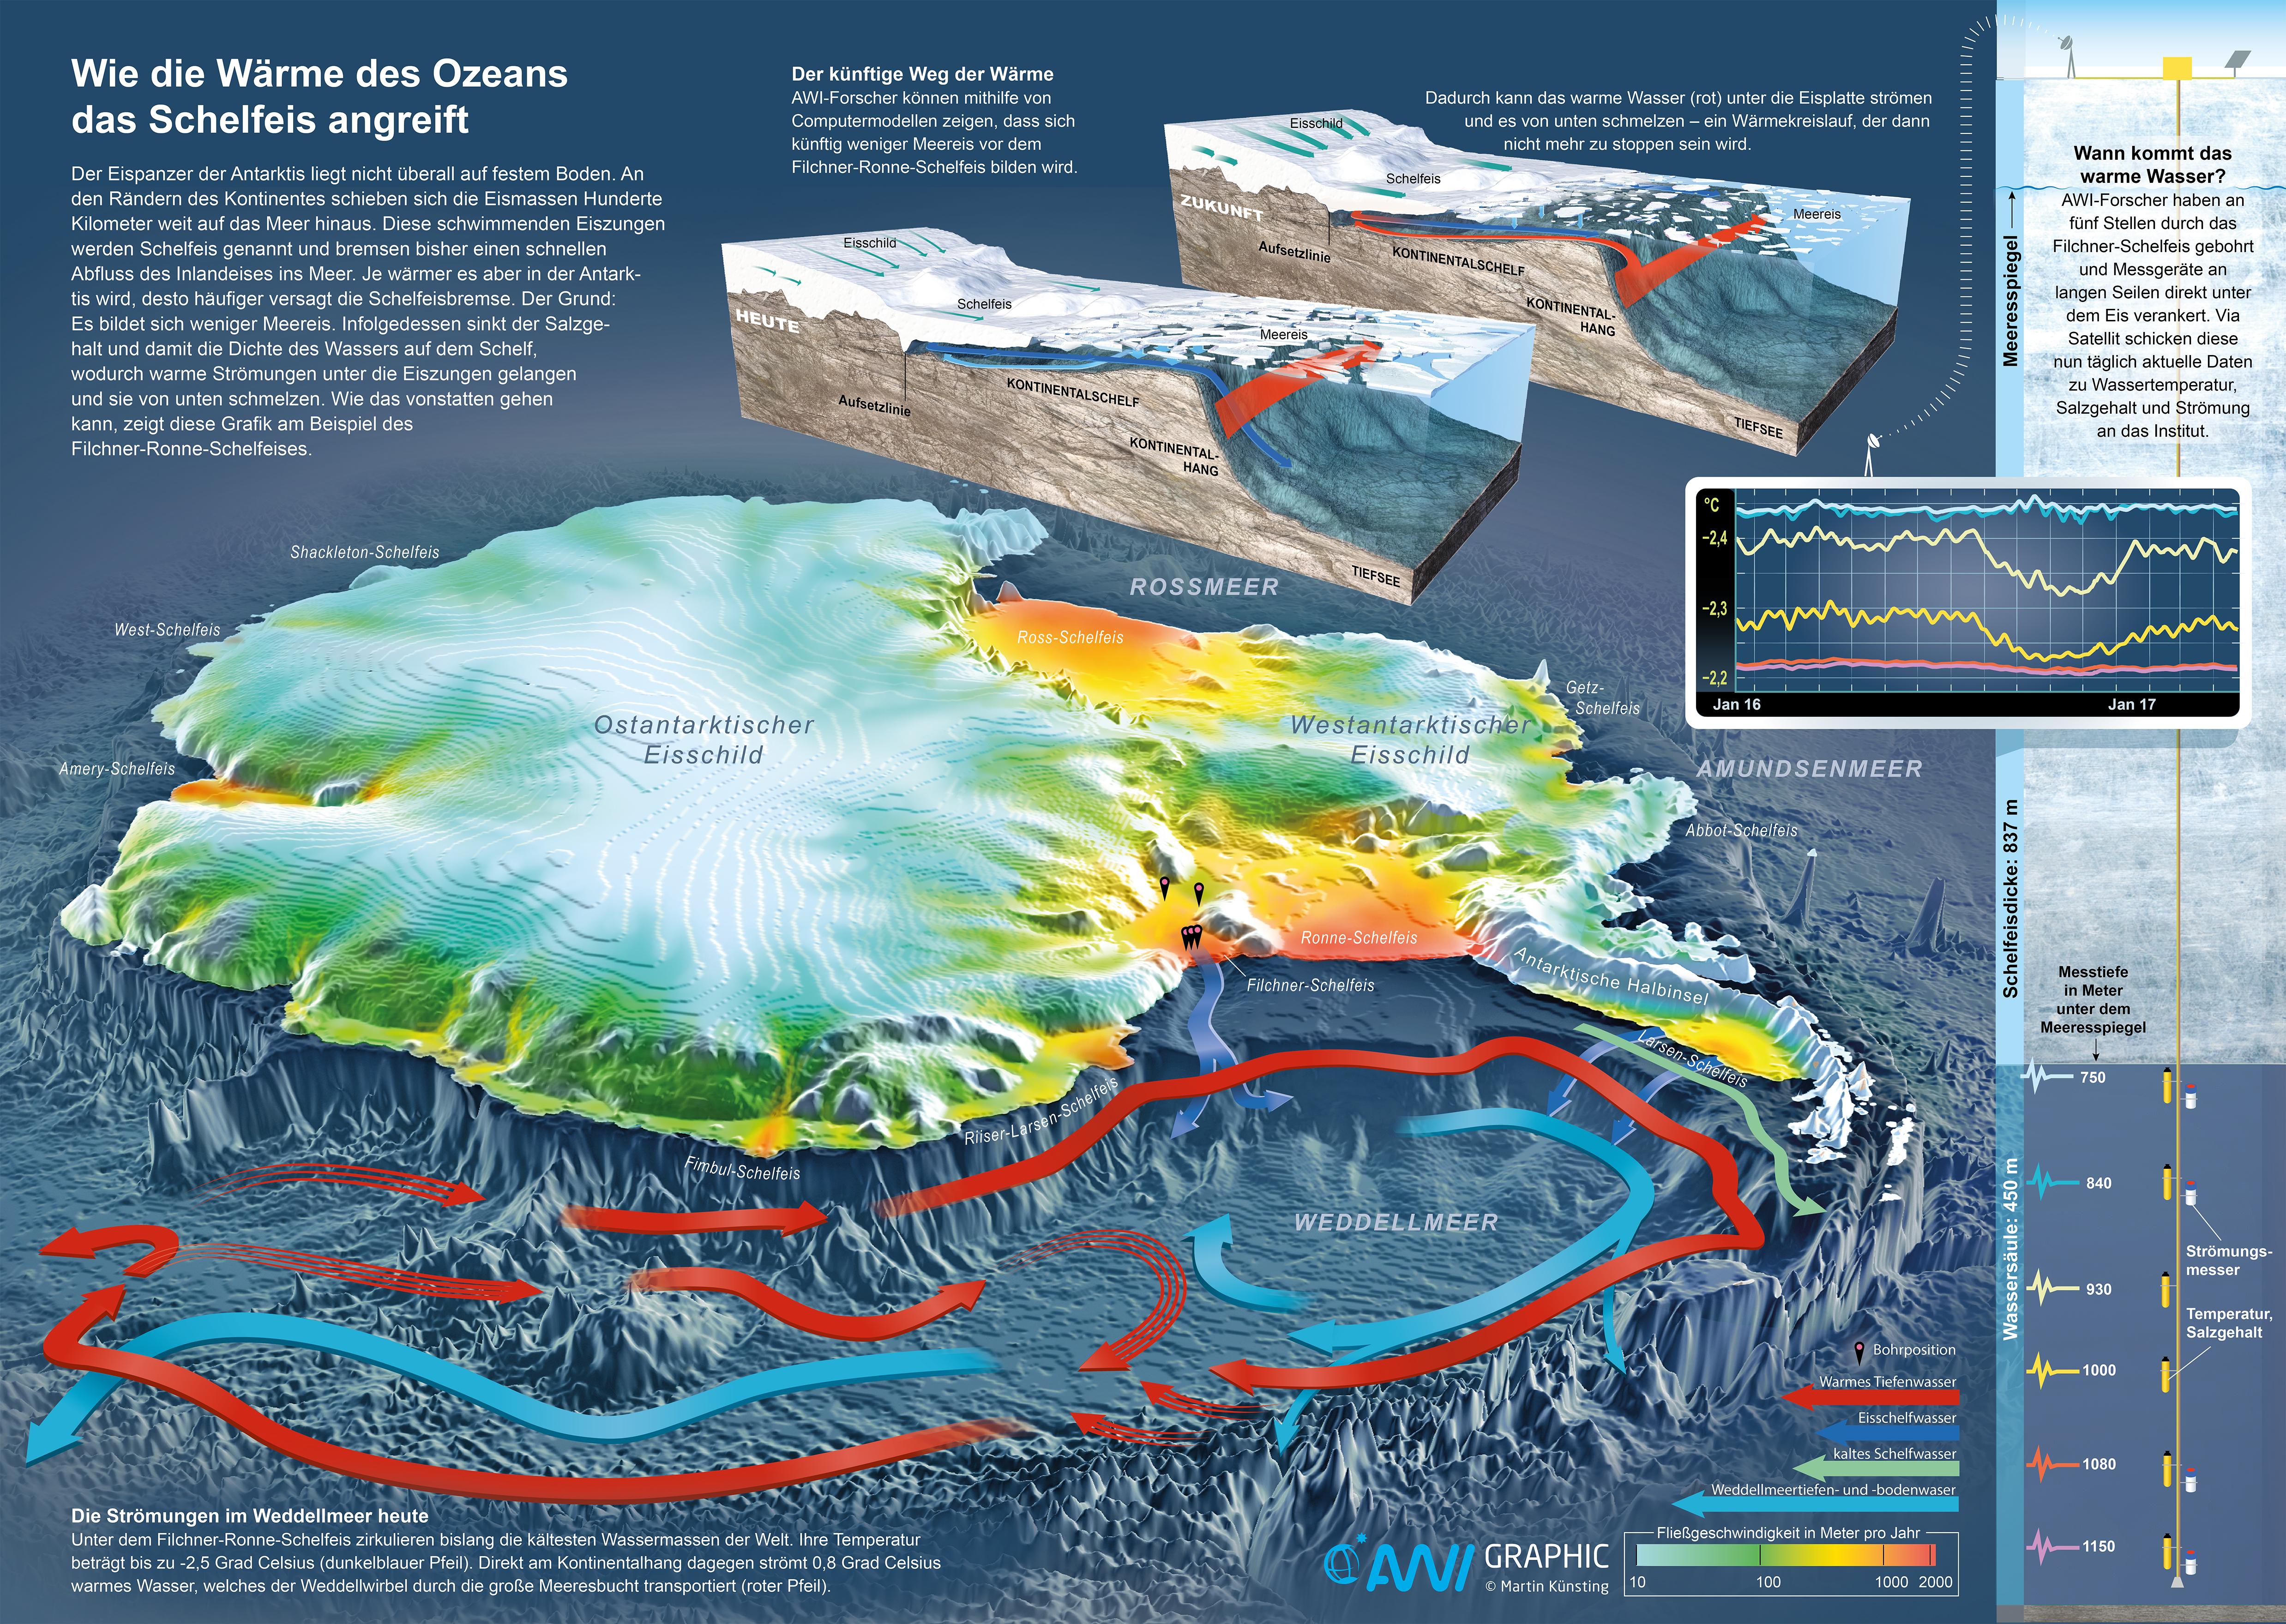 Infografik: So greift die Wärme des Ozeans das Schelfeis der Antarktis an